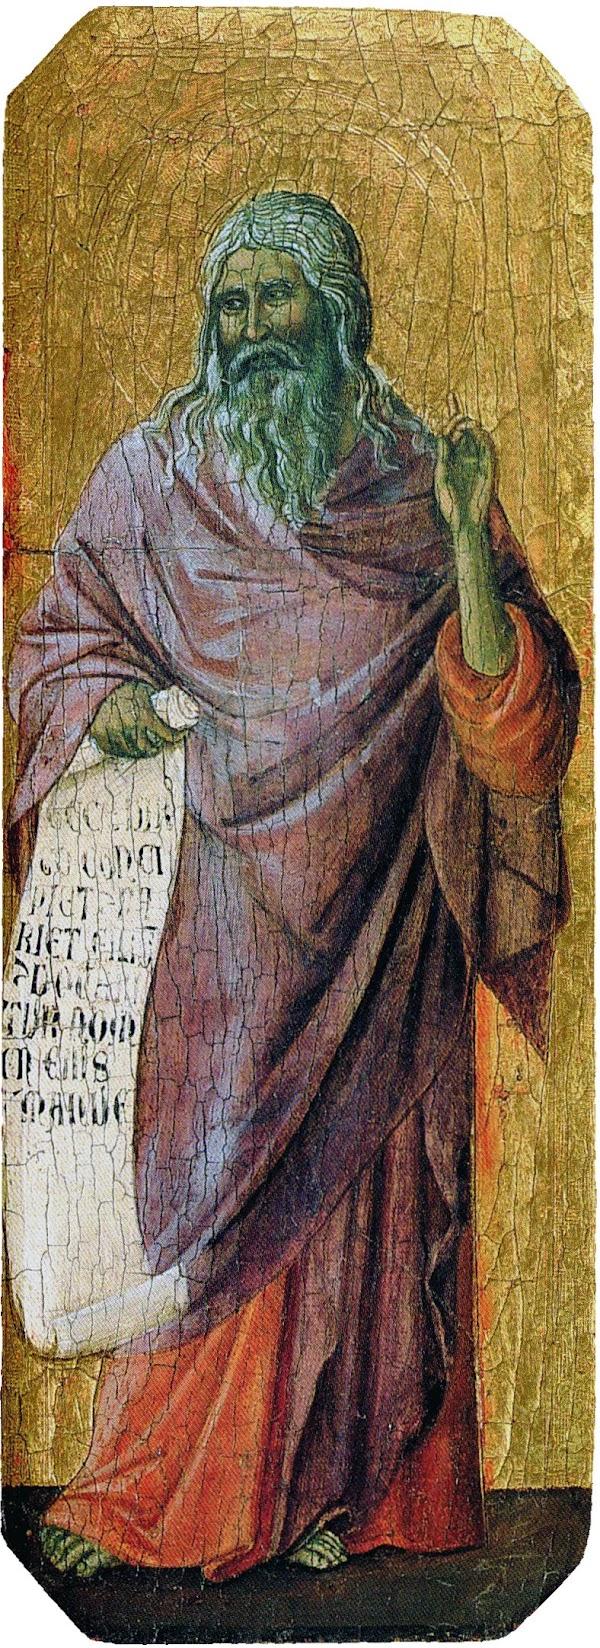 Duccio di Buoninsegna, Predella della Maestà, Isaia